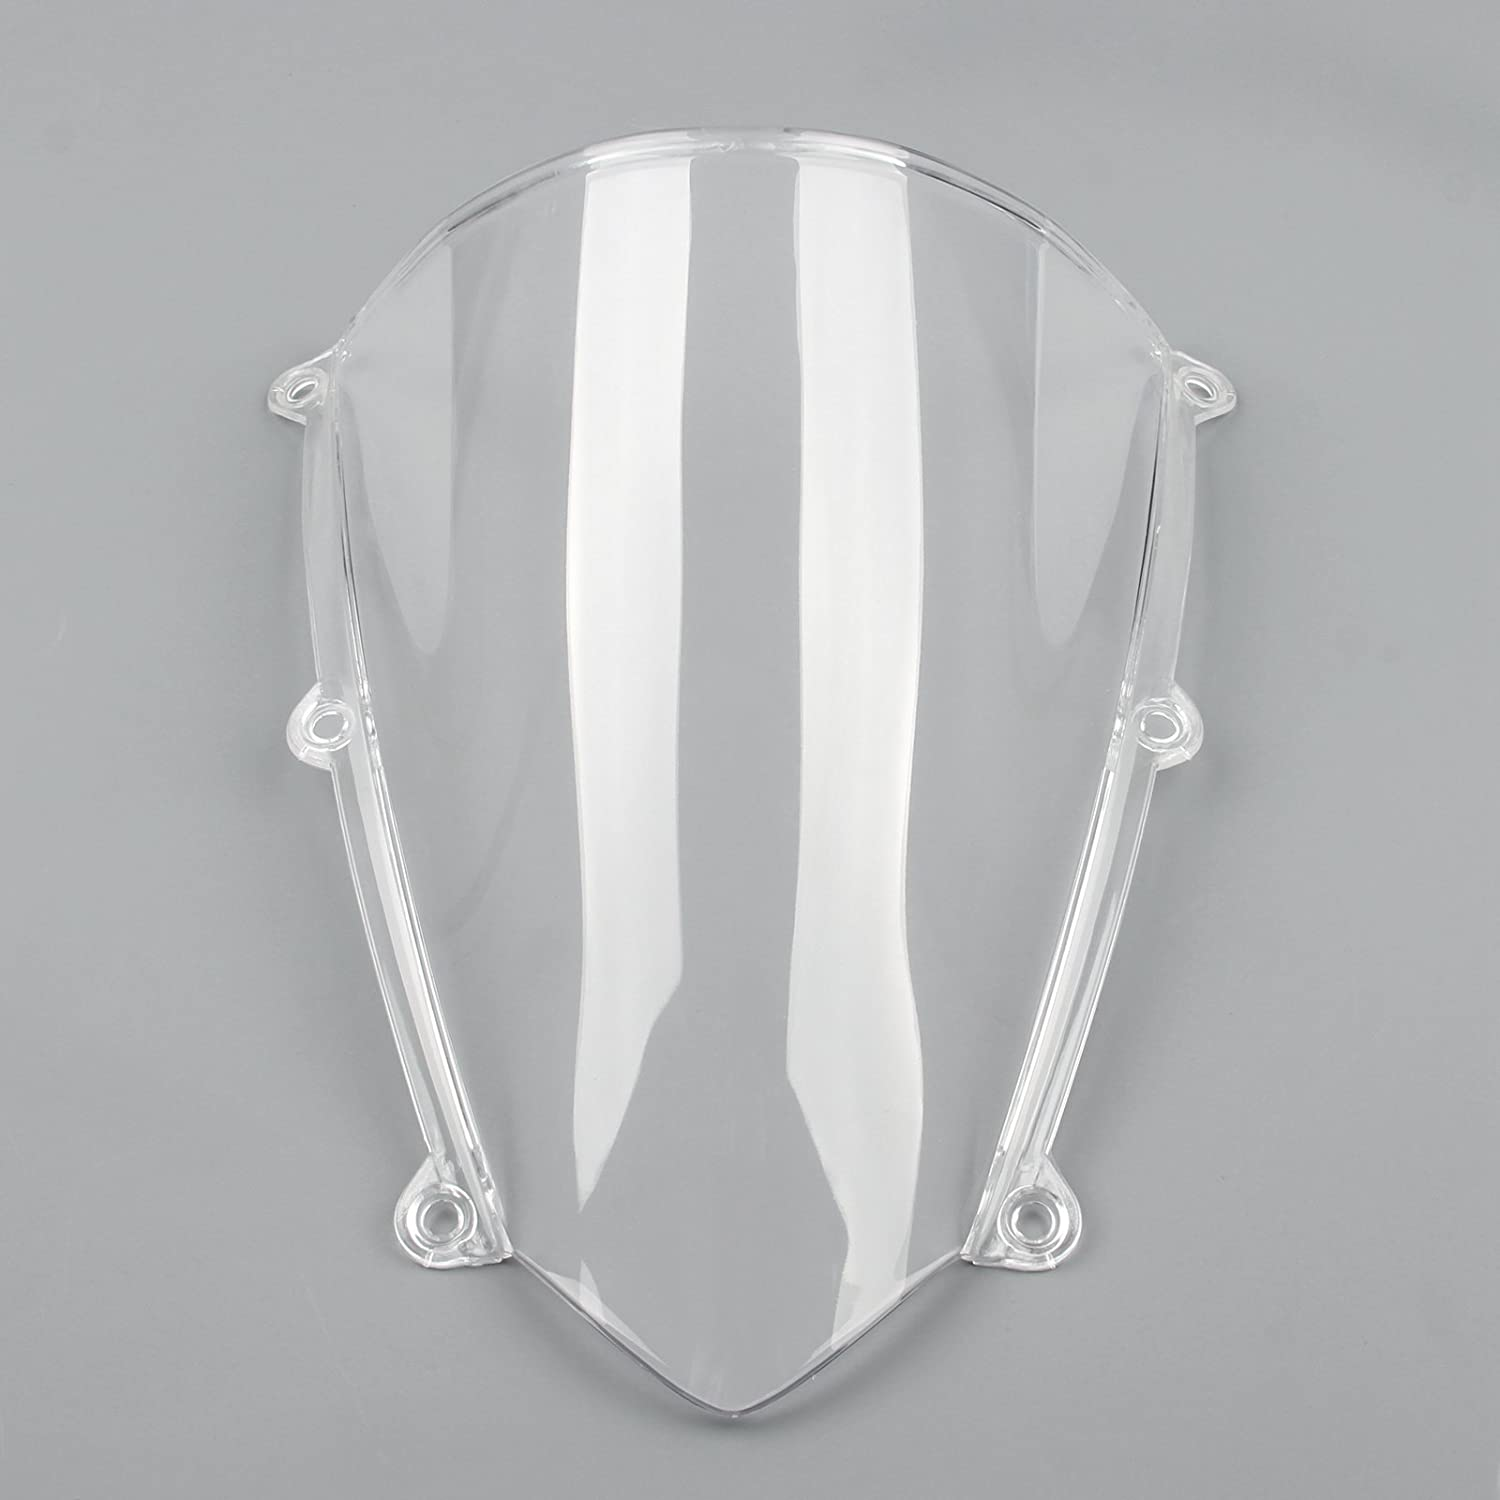 Anteriore Parabrezza Moto Deflettore Parabrezza Deflettori Windshield Windscreen per HON-DA CBR600RR CBR 600 RR 2007-2012 Artudatech Moto Parabrezza